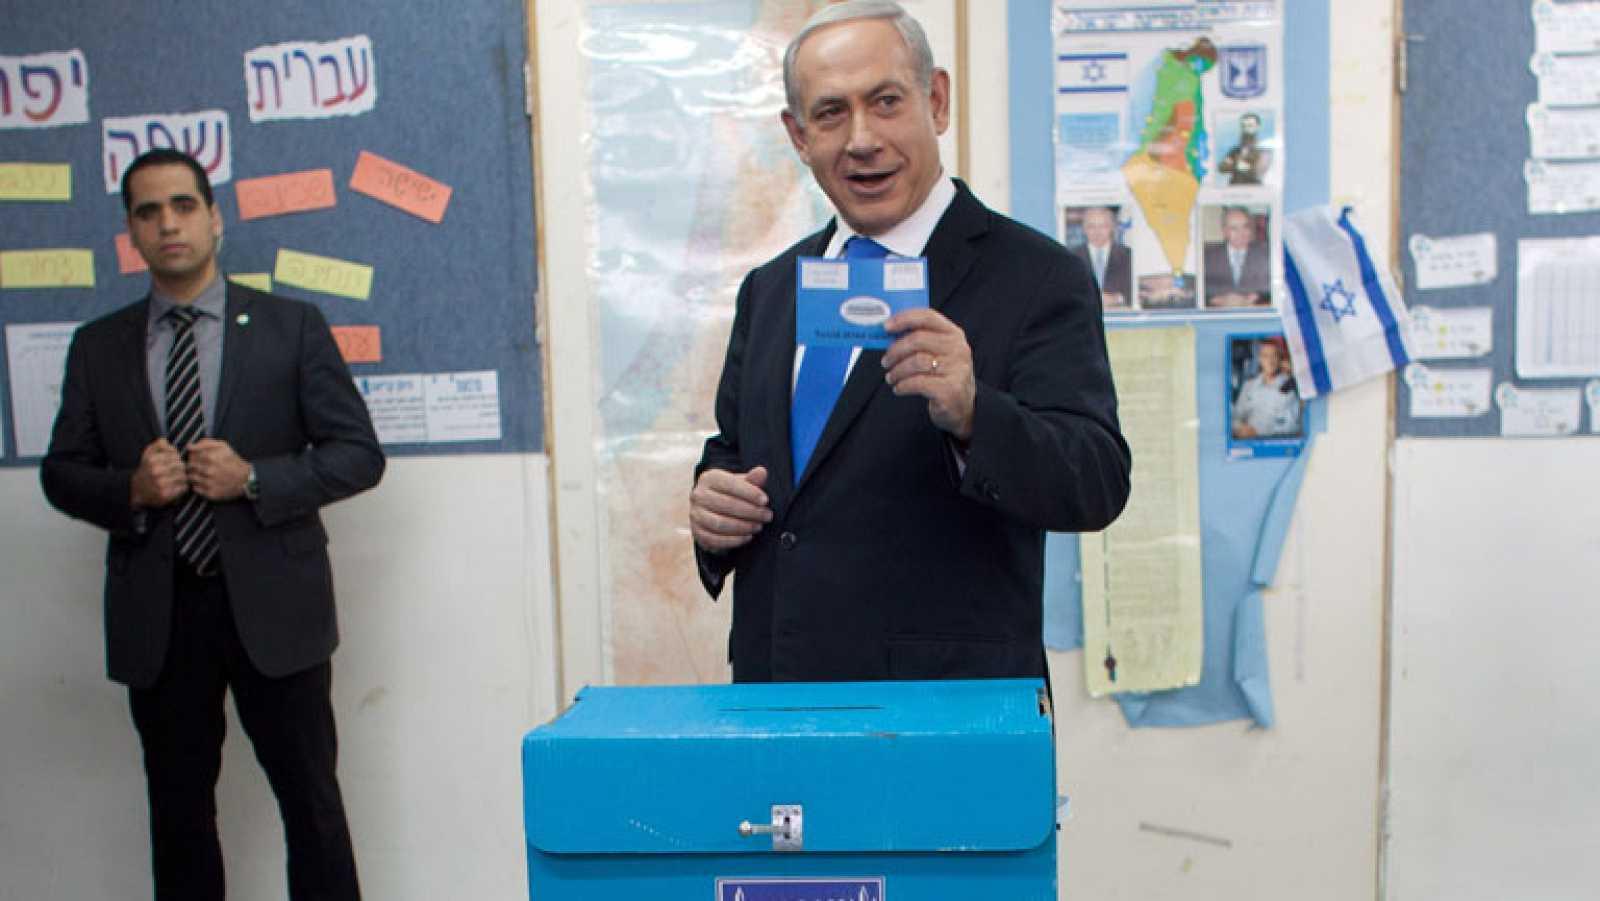 Israel celebra elecciones con Netanyahu como favorito